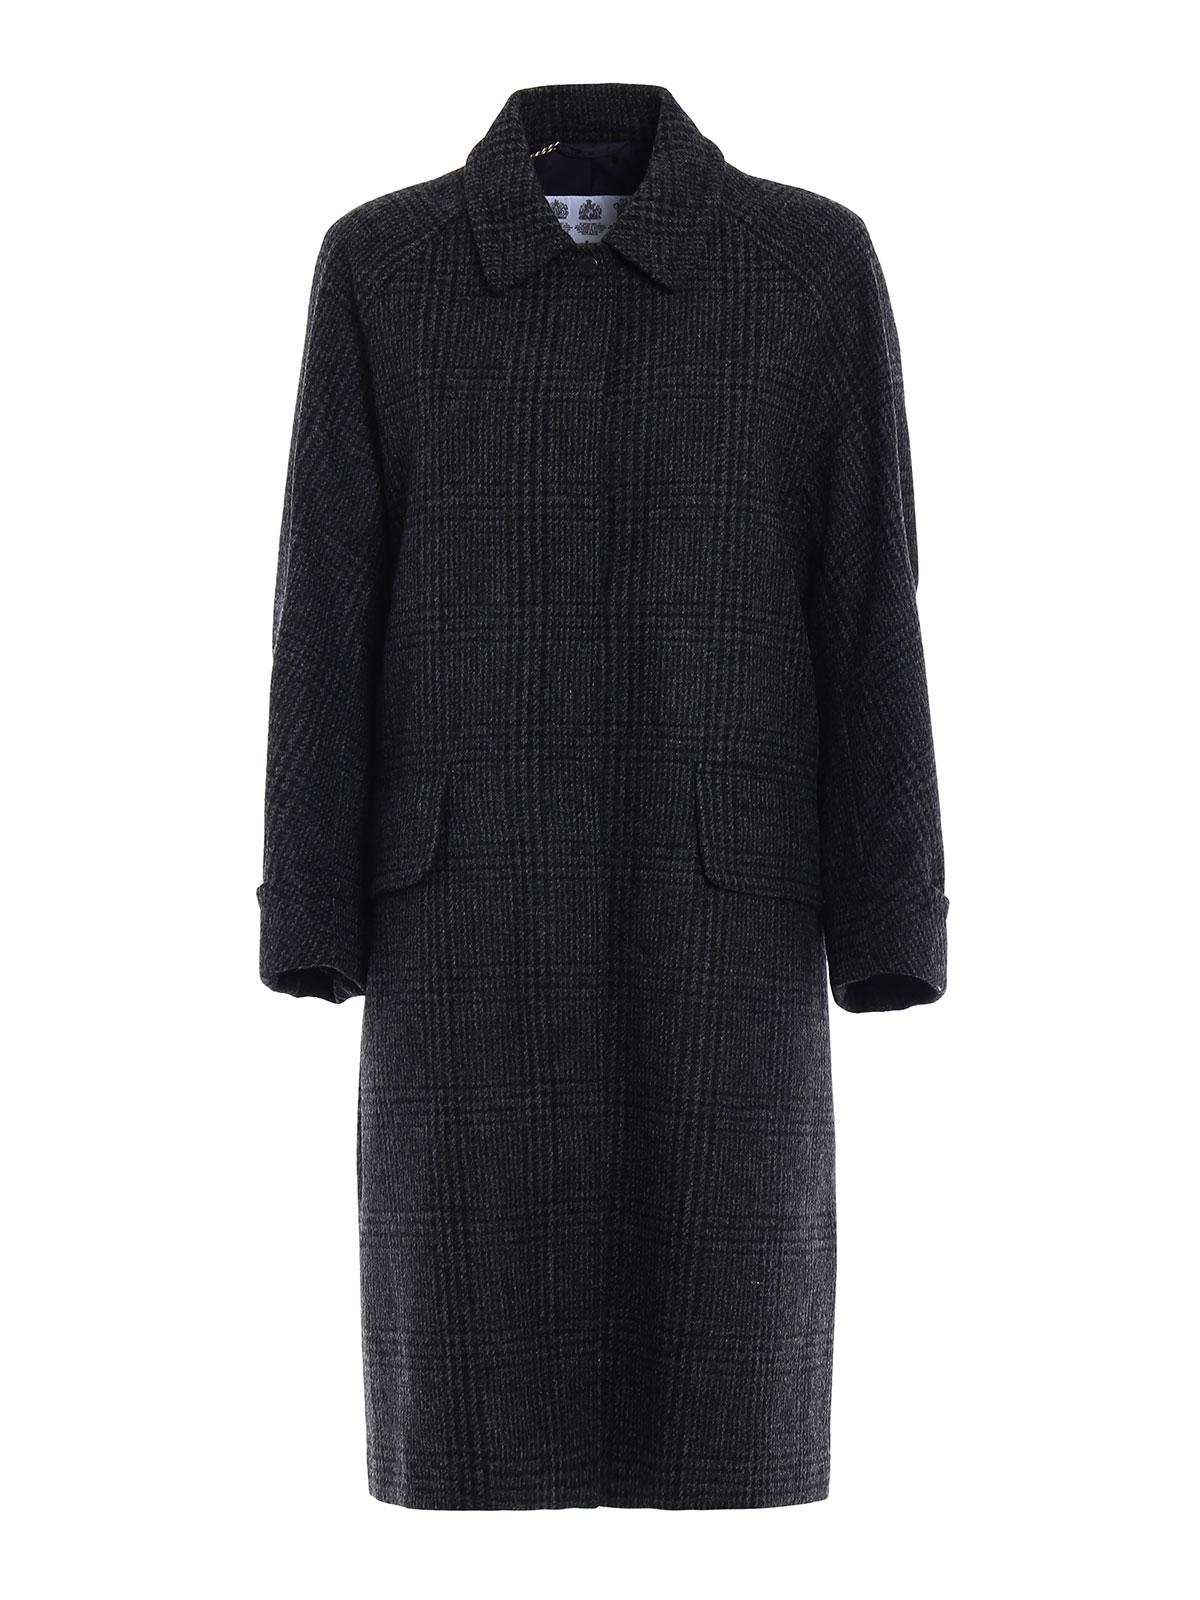 Barbour - Cappotto in lana Moulton Jacket - cappotti al ginocchio ... 7dadf8c5ac94